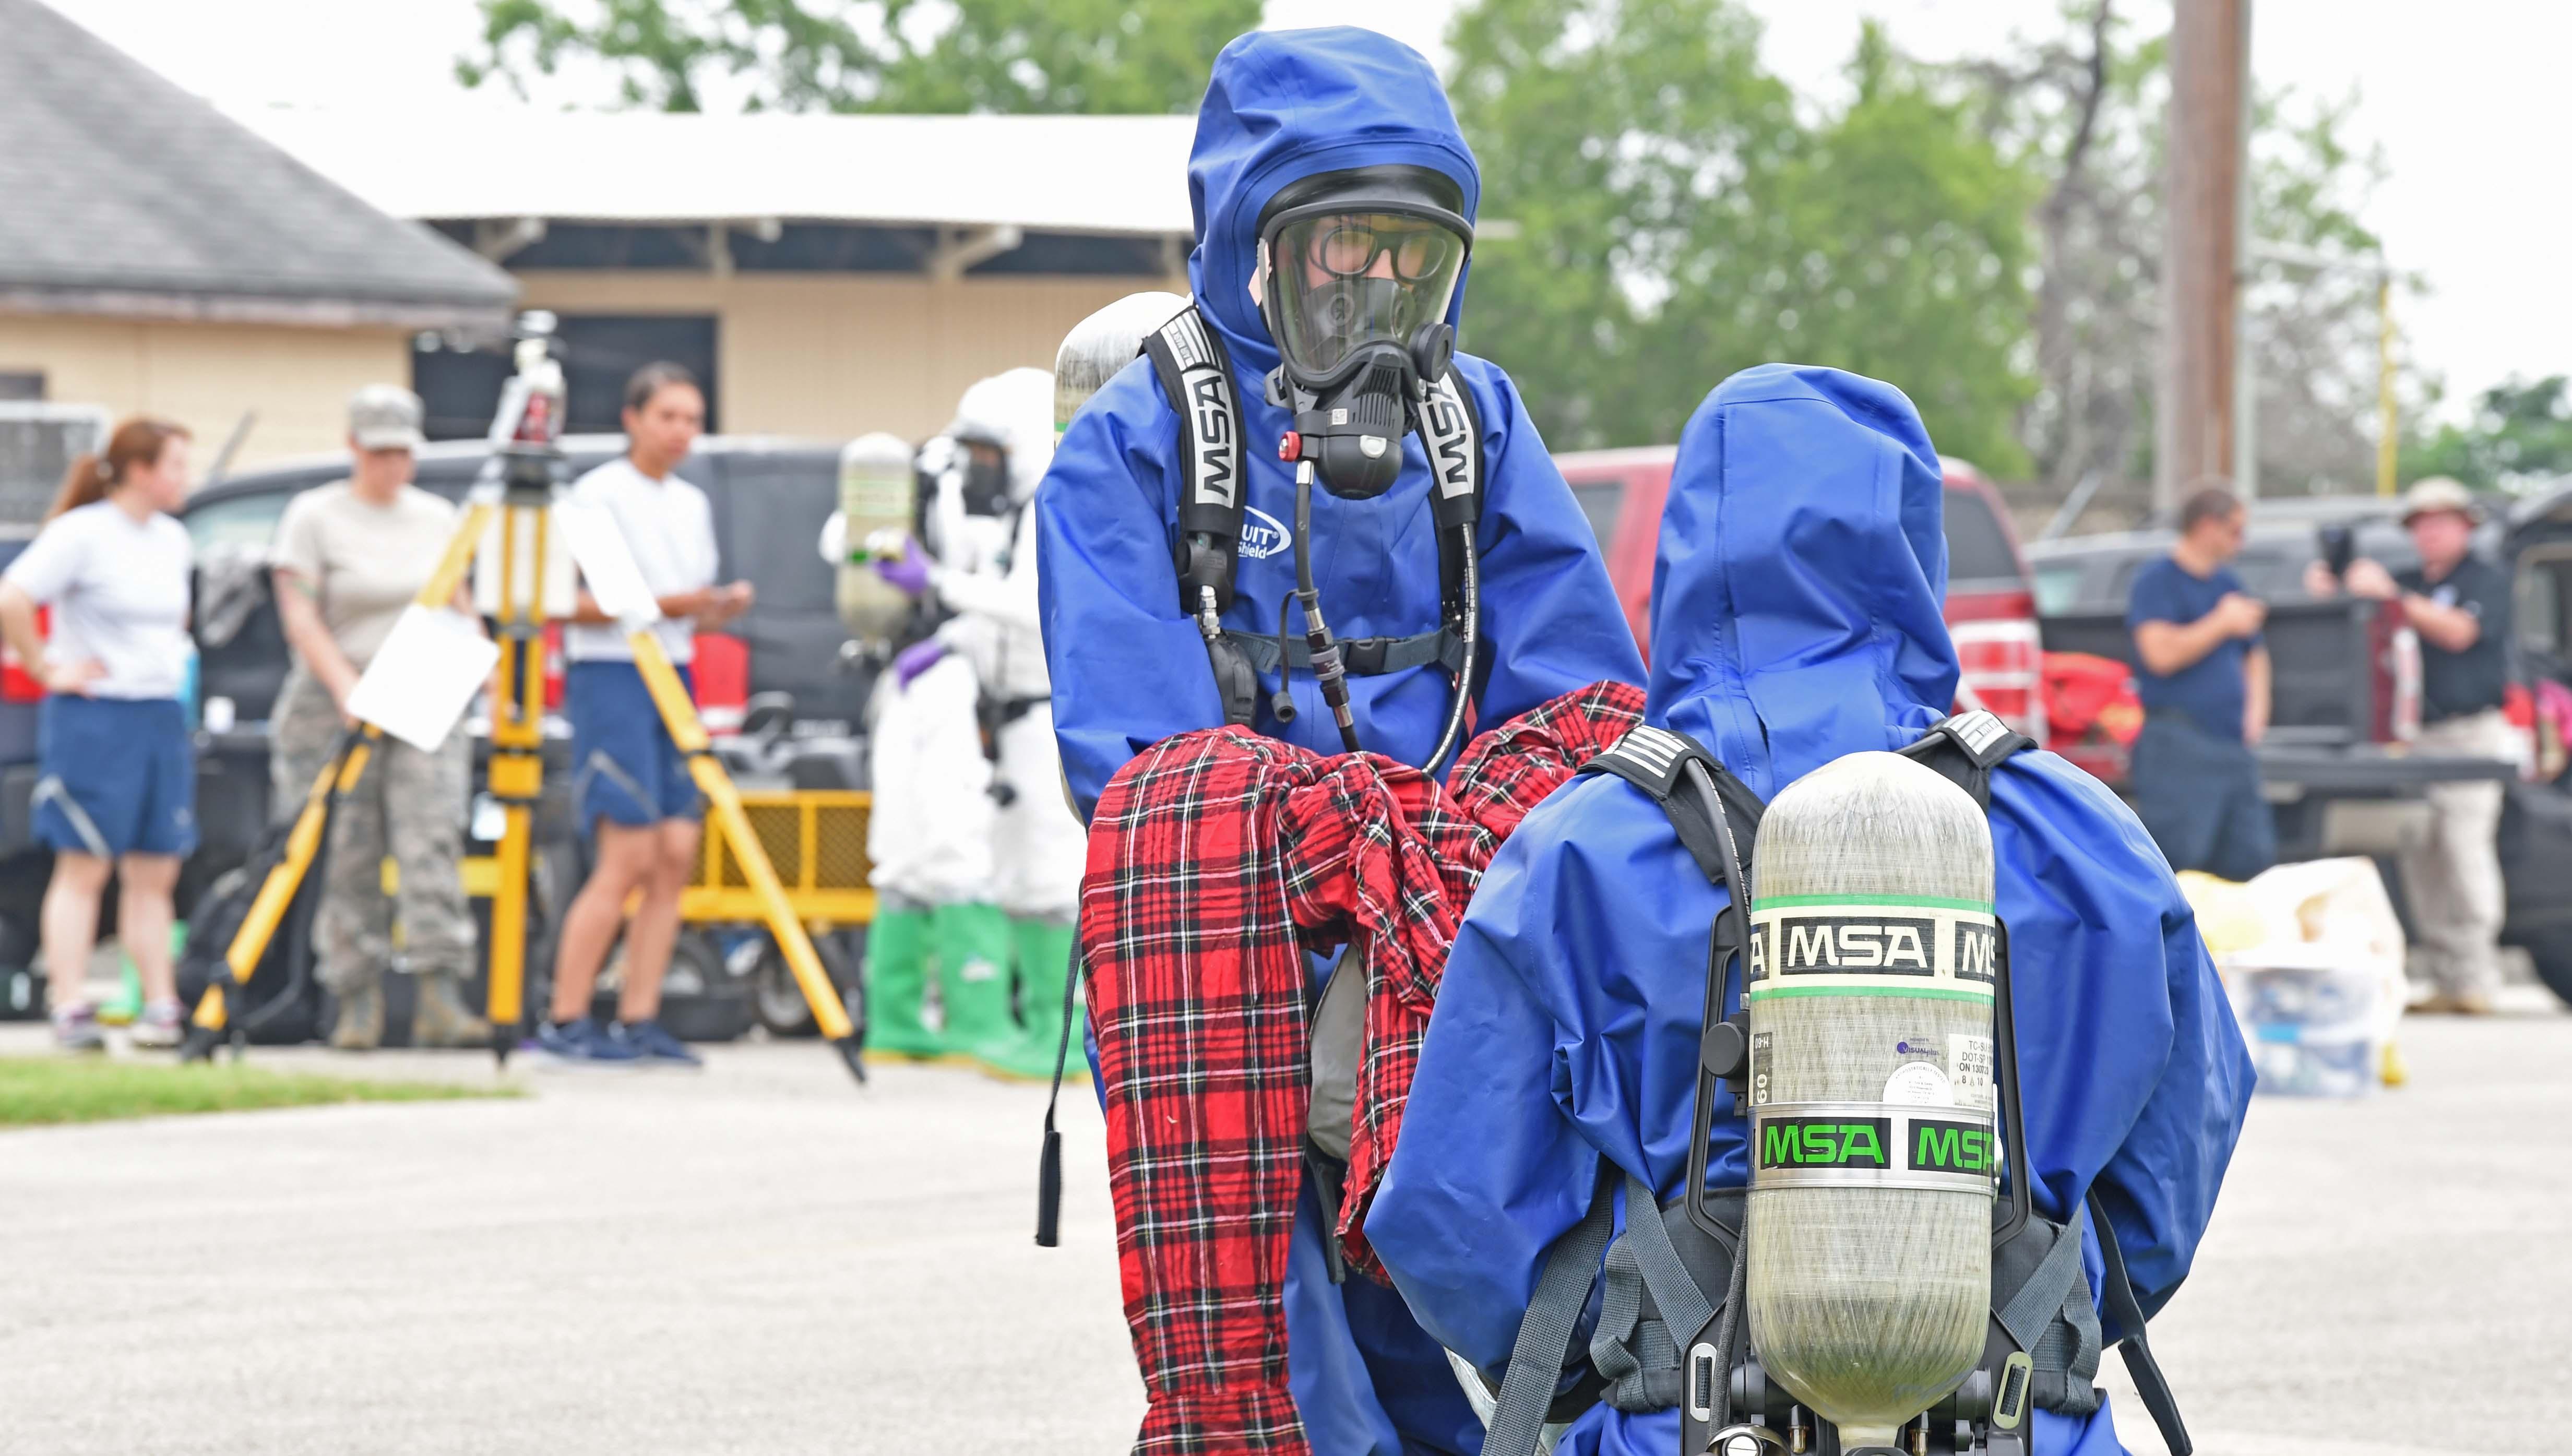 149th Emergency Management Team hazmat exercise